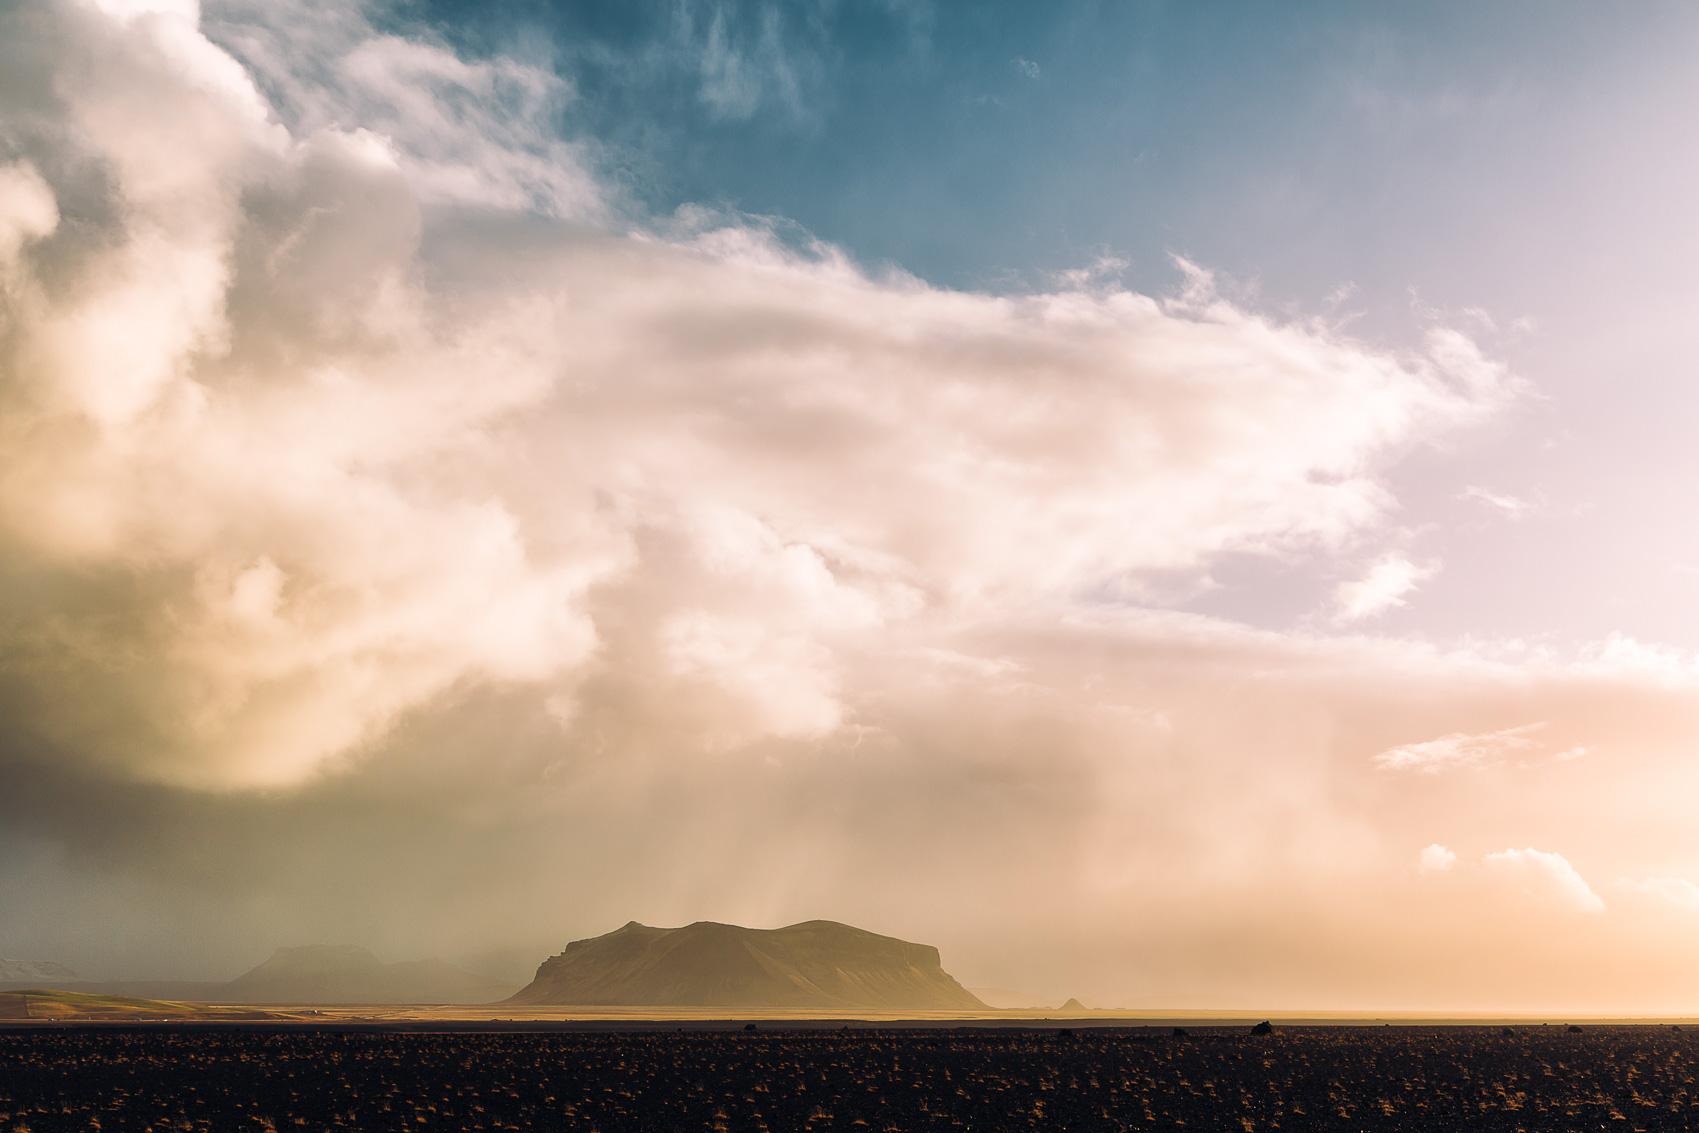 Eine mächtige Wolkenformation hinter einem Hügel in Island.